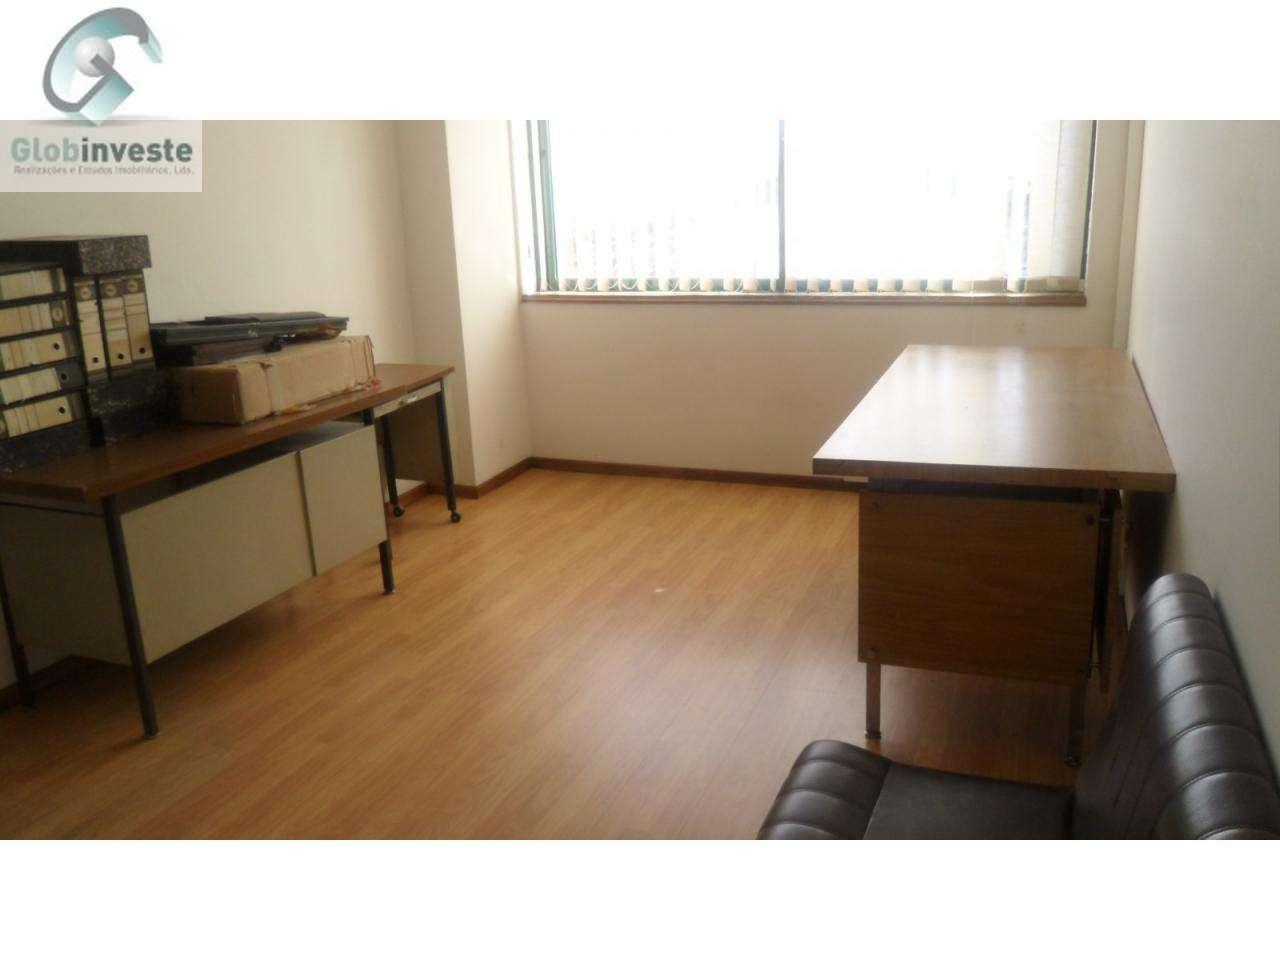 Escritório para arrendar, Espinhosela, Bragança - Foto 1